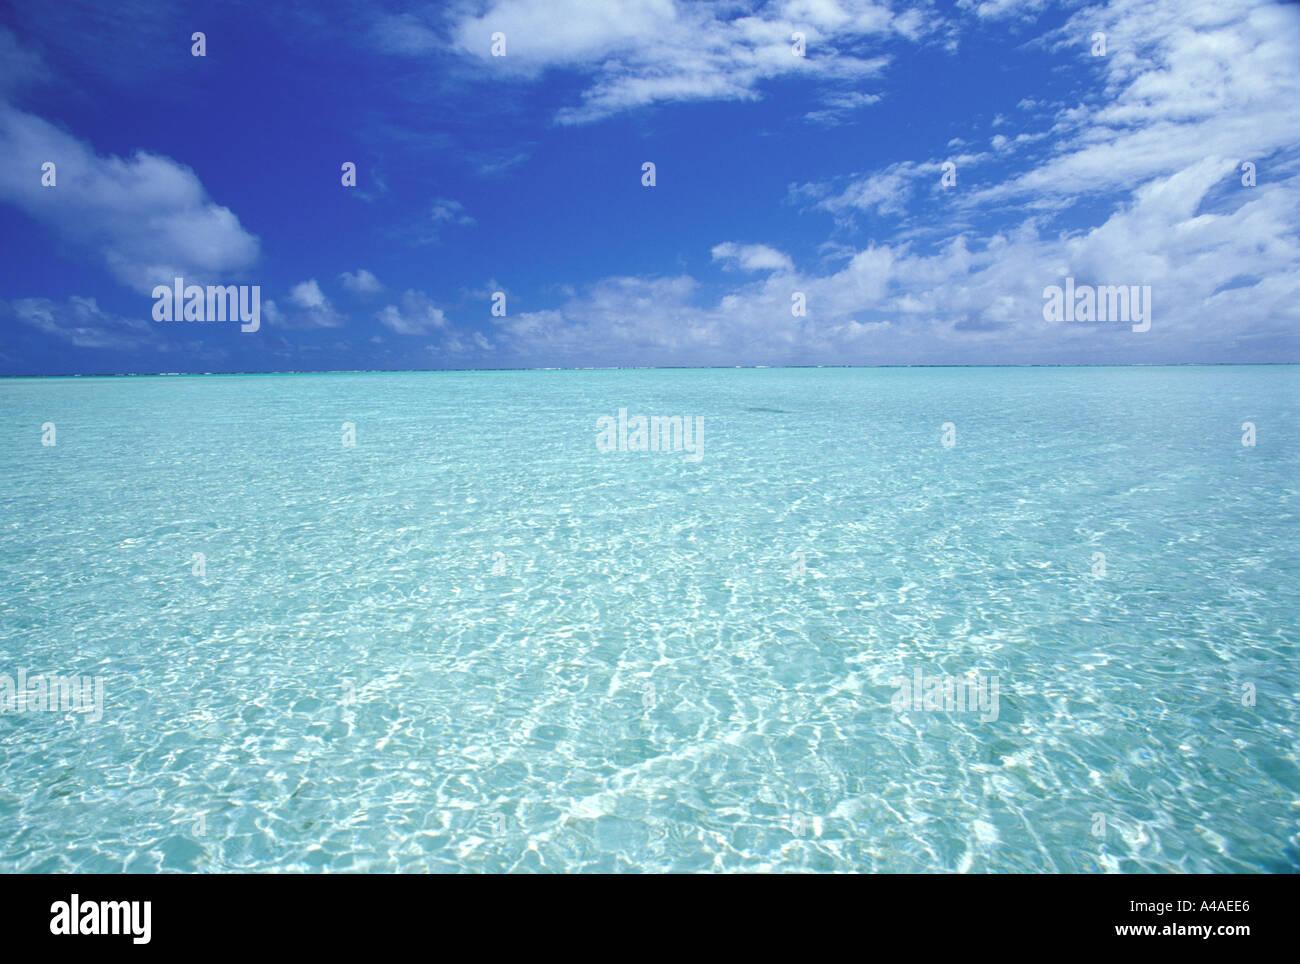 Shallow ocean pic... - 1680 x 1050 - JUOT - Joe's Ultimate Off Topic